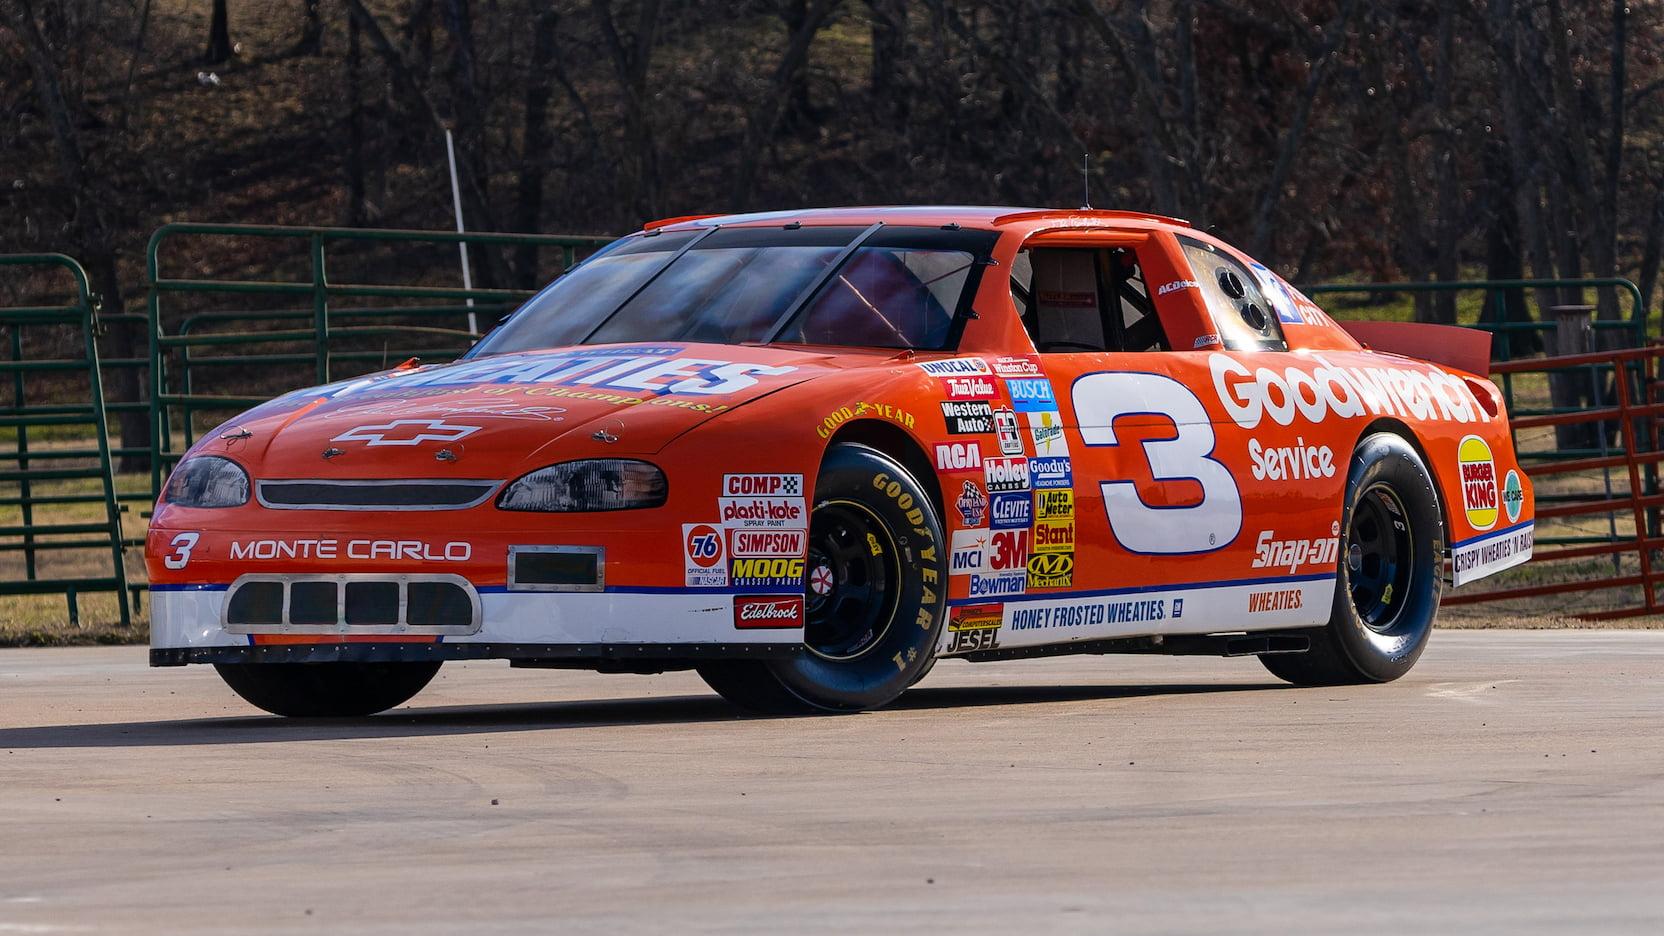 1993 Chevrolet Monte Carlo NASCAR